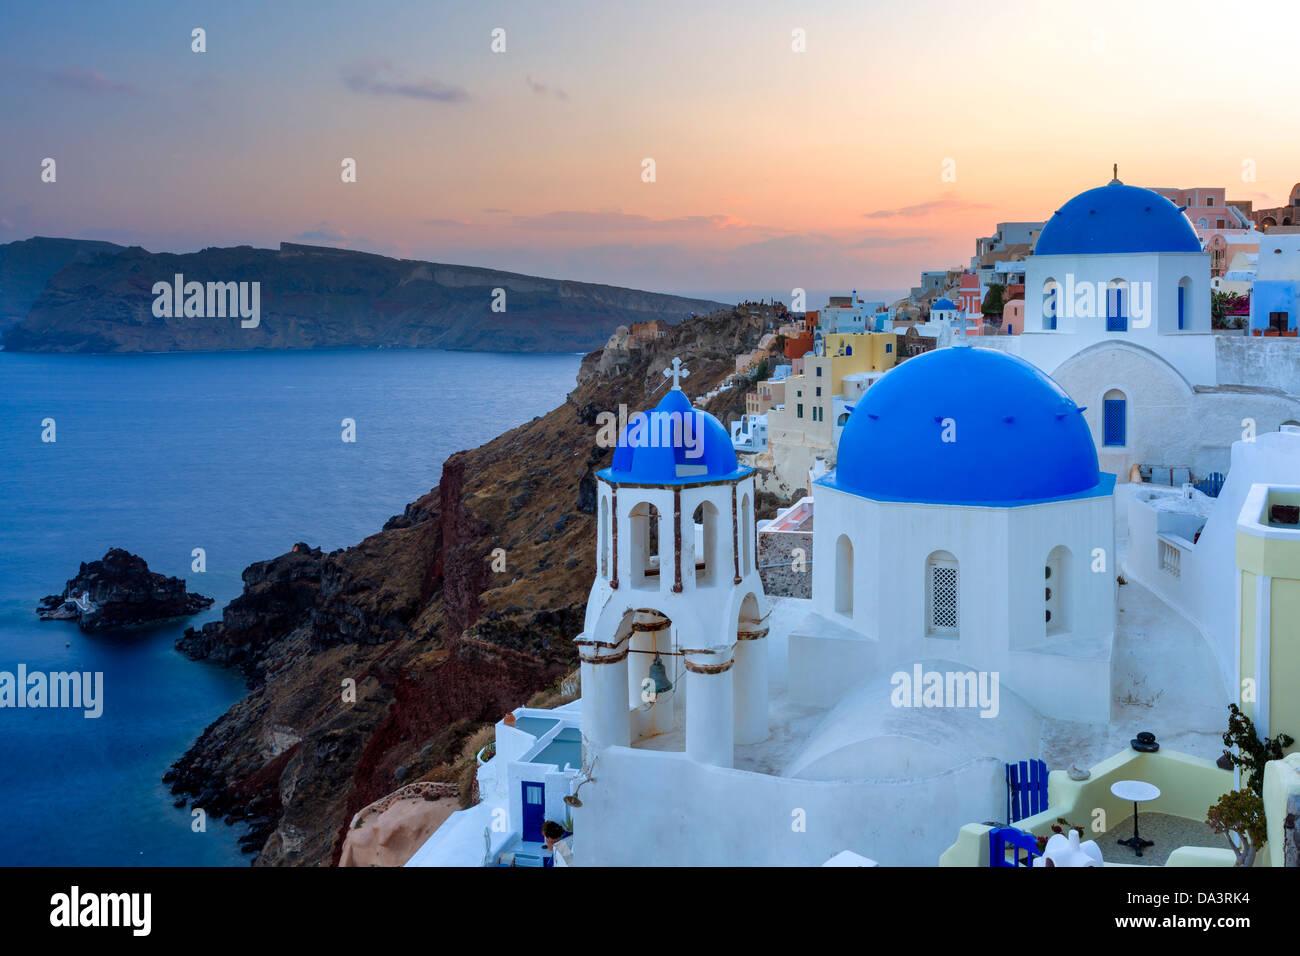 Crepuscolo sopra blu chiese a cupola a Oia Santorini Grecia Immagini Stock